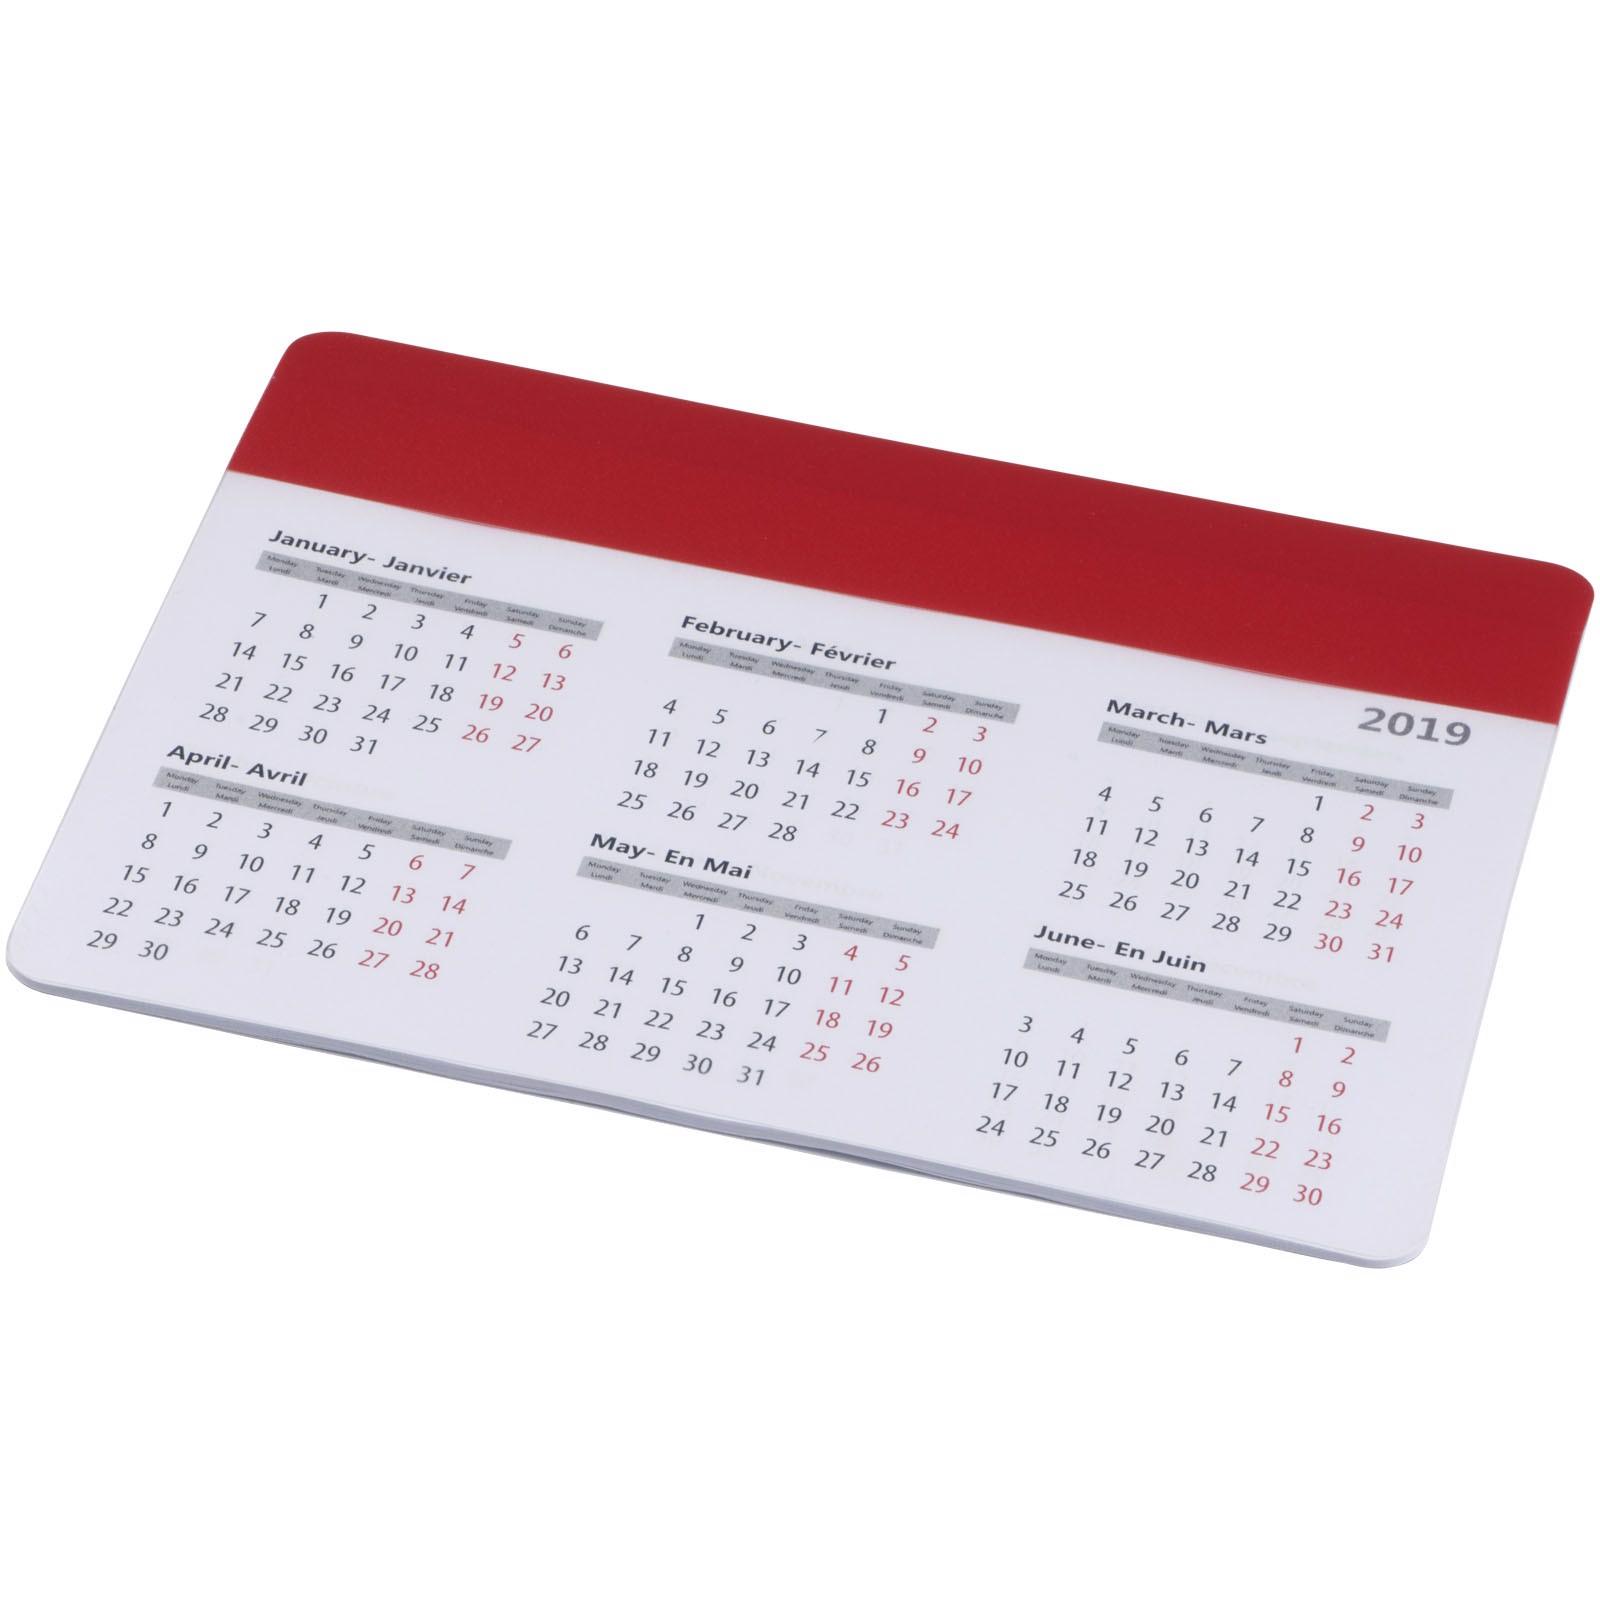 Podložka na myš Chart s kalendářem - Červená s efektem námrazy